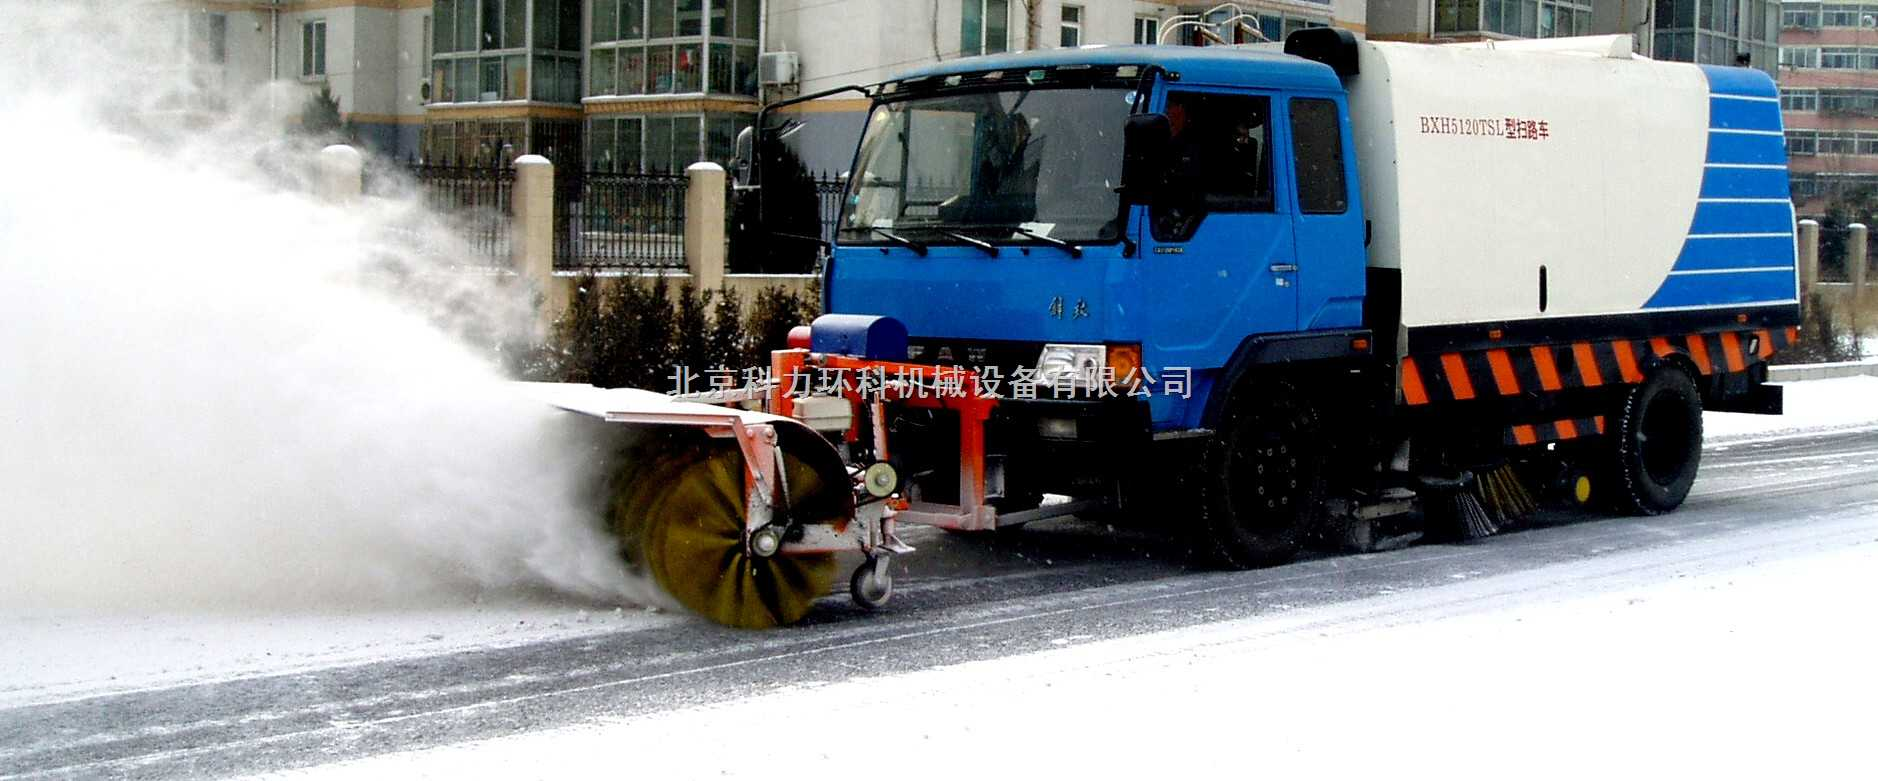 大型扫雪设备是纯环保型除雪除冰车,是除雪除冰方面功能最为齐全,效果最好,也最为代表性。 大型扫雪设备最大优点是无论清除哪种形式的雪(浮雪、扎实雪、冰),都不需要使用盐或融雪剂,能够适应不同路况,无论什么形式的冰雪均能够采用不同机构进行作业,而且一次性见黑路面效果,不损伤标志线,不损伤路面,这是世界第一台环保型除冰雪车,除雪效率达95%以上。多功能除冰雪车在社会上引起了热烈的反响。 大型扫雪设备我公司已生产了十年,并做了多次改进,改进后的多功能除冰雪车性能更优越,操纵更方便,在控制方面,我们采用PLC程序控